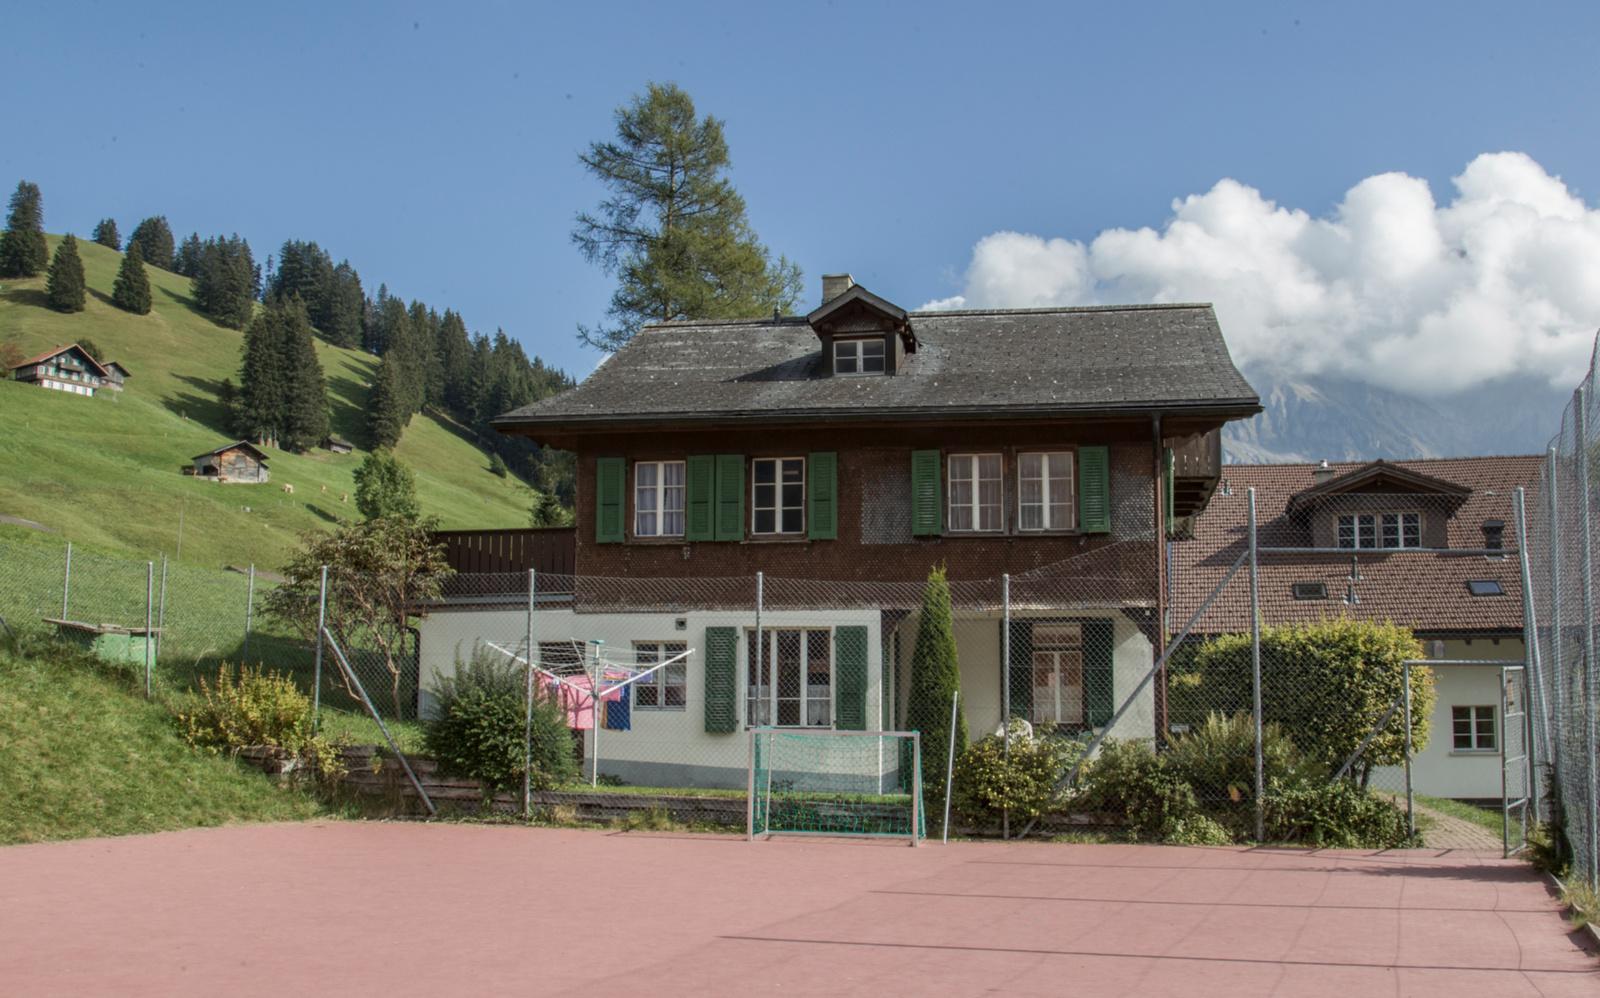 Jugendhaus der Heilsarmee, 3715 Adelboden - 9635 - Sportplatz